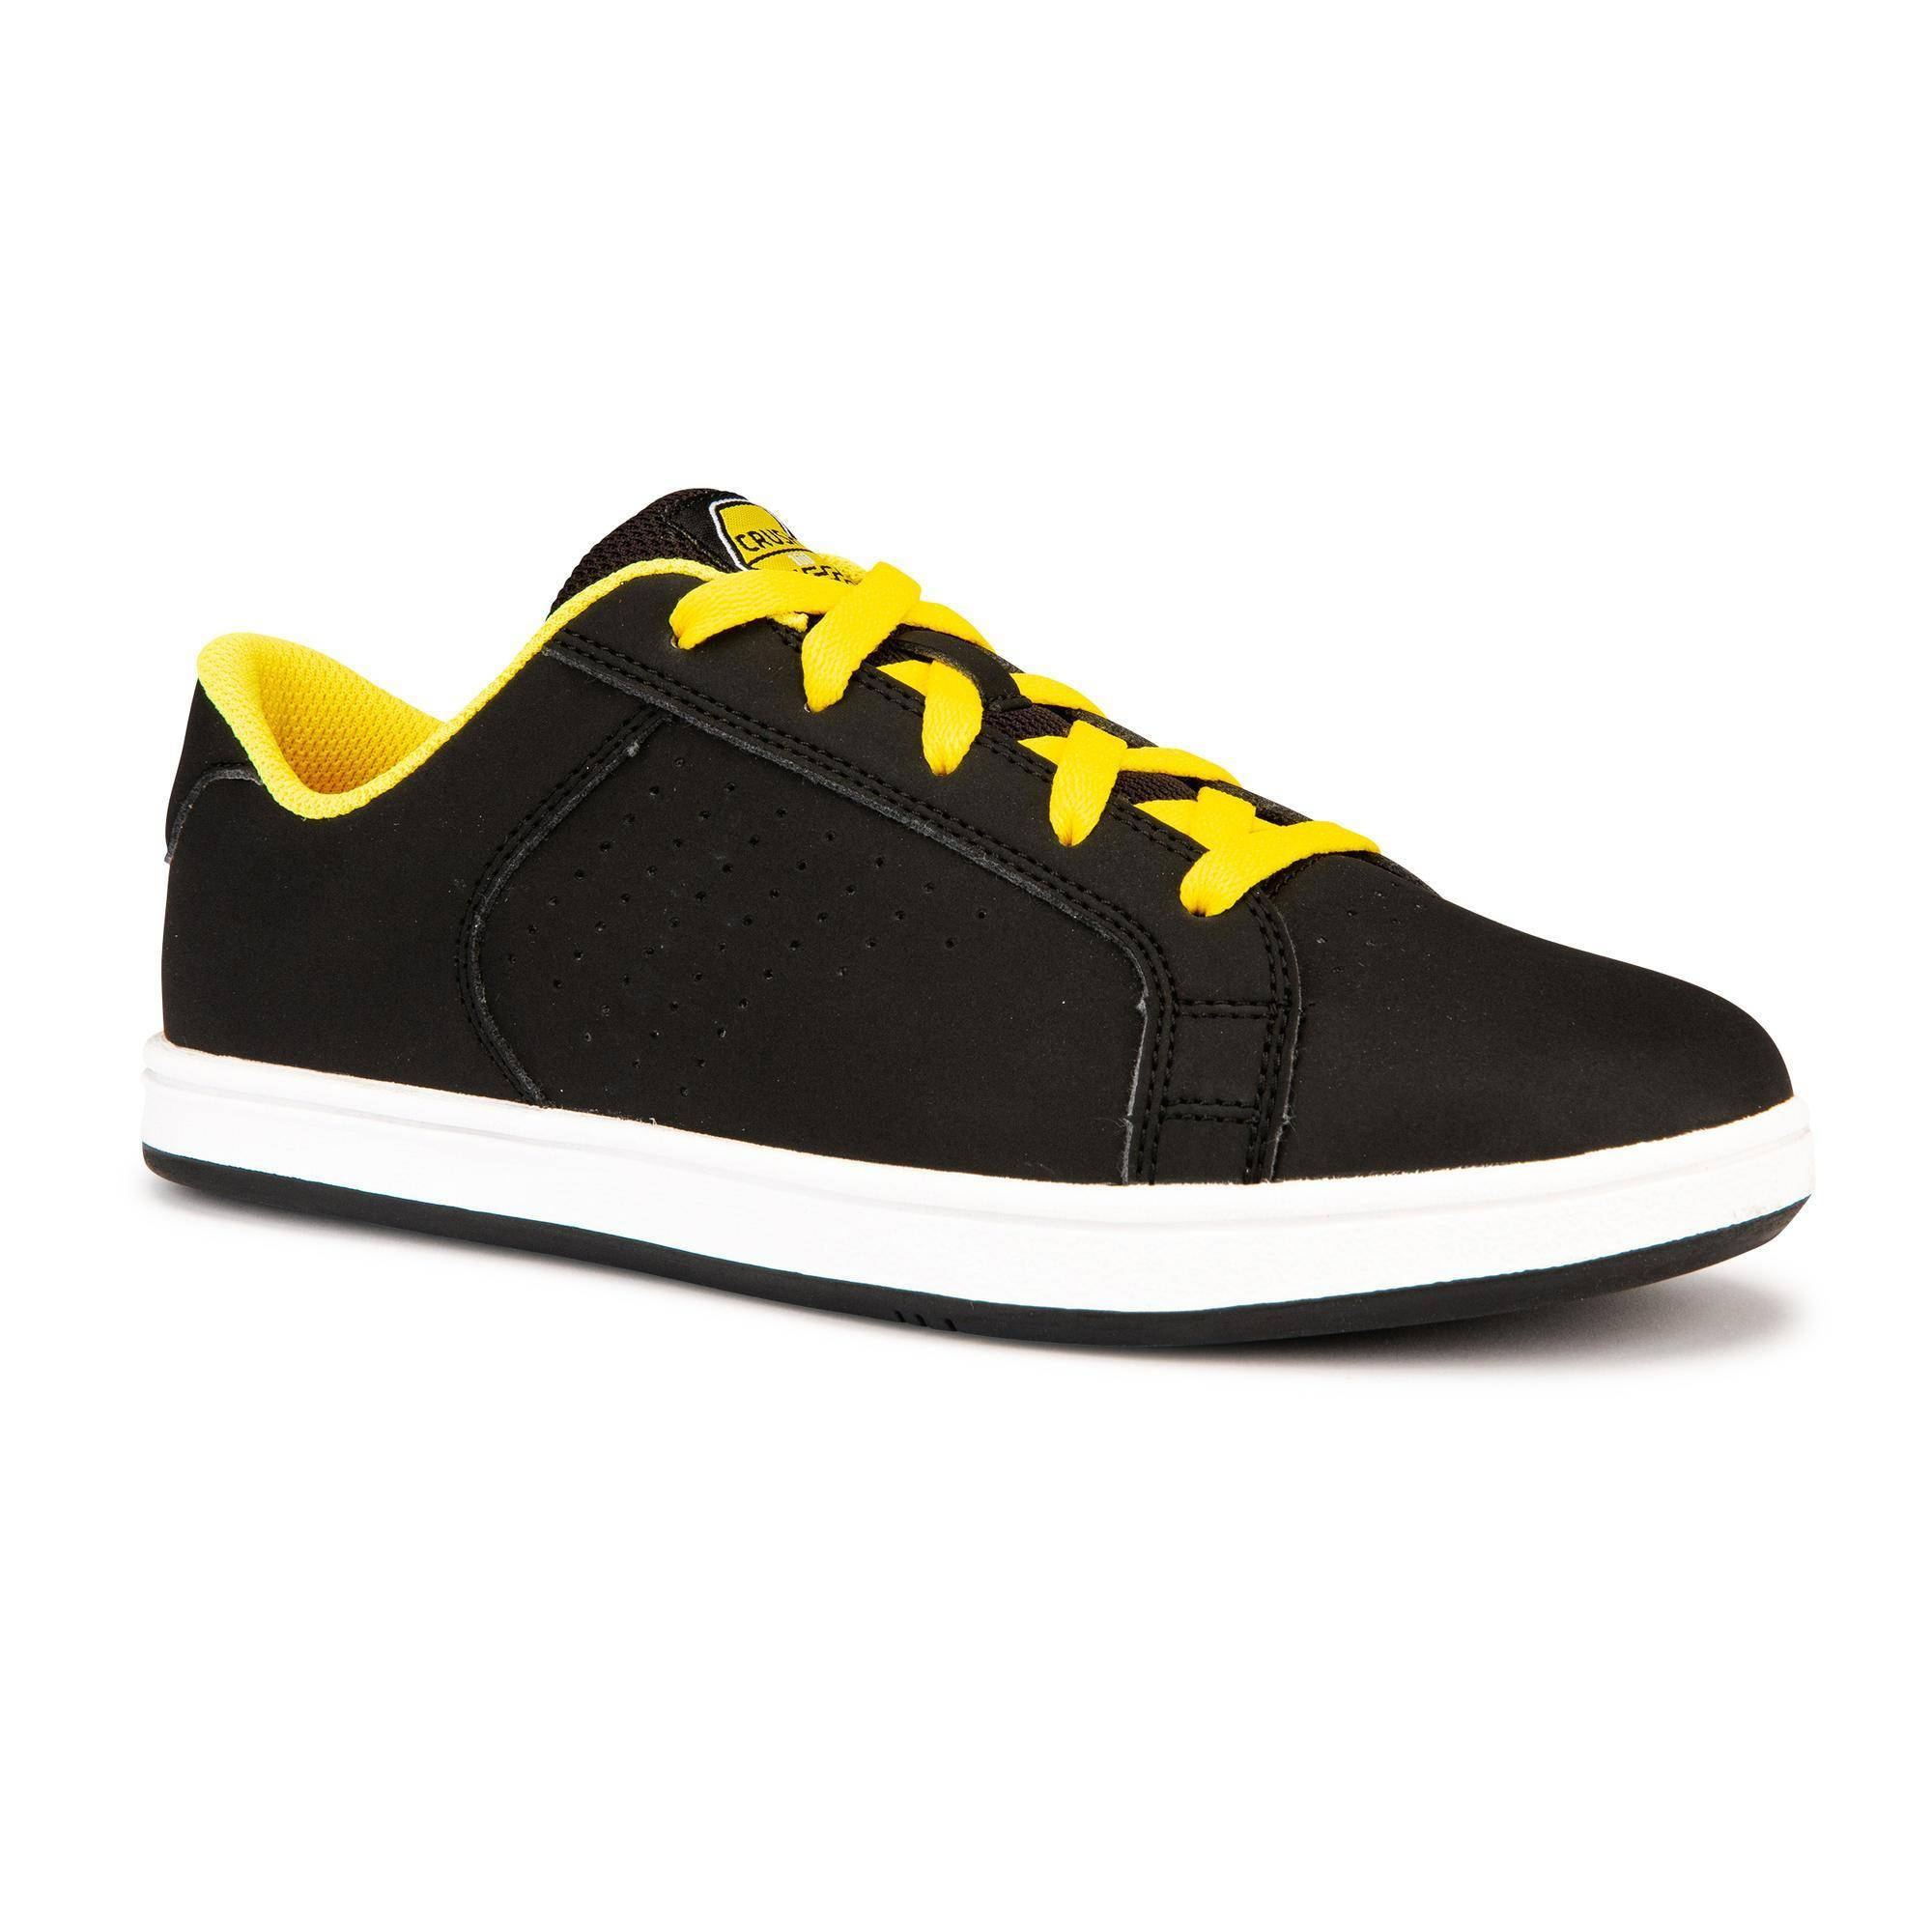 Oxelo Chaussure de skate pour enfant CRUSH 100 Noire Jaune - Oxelo